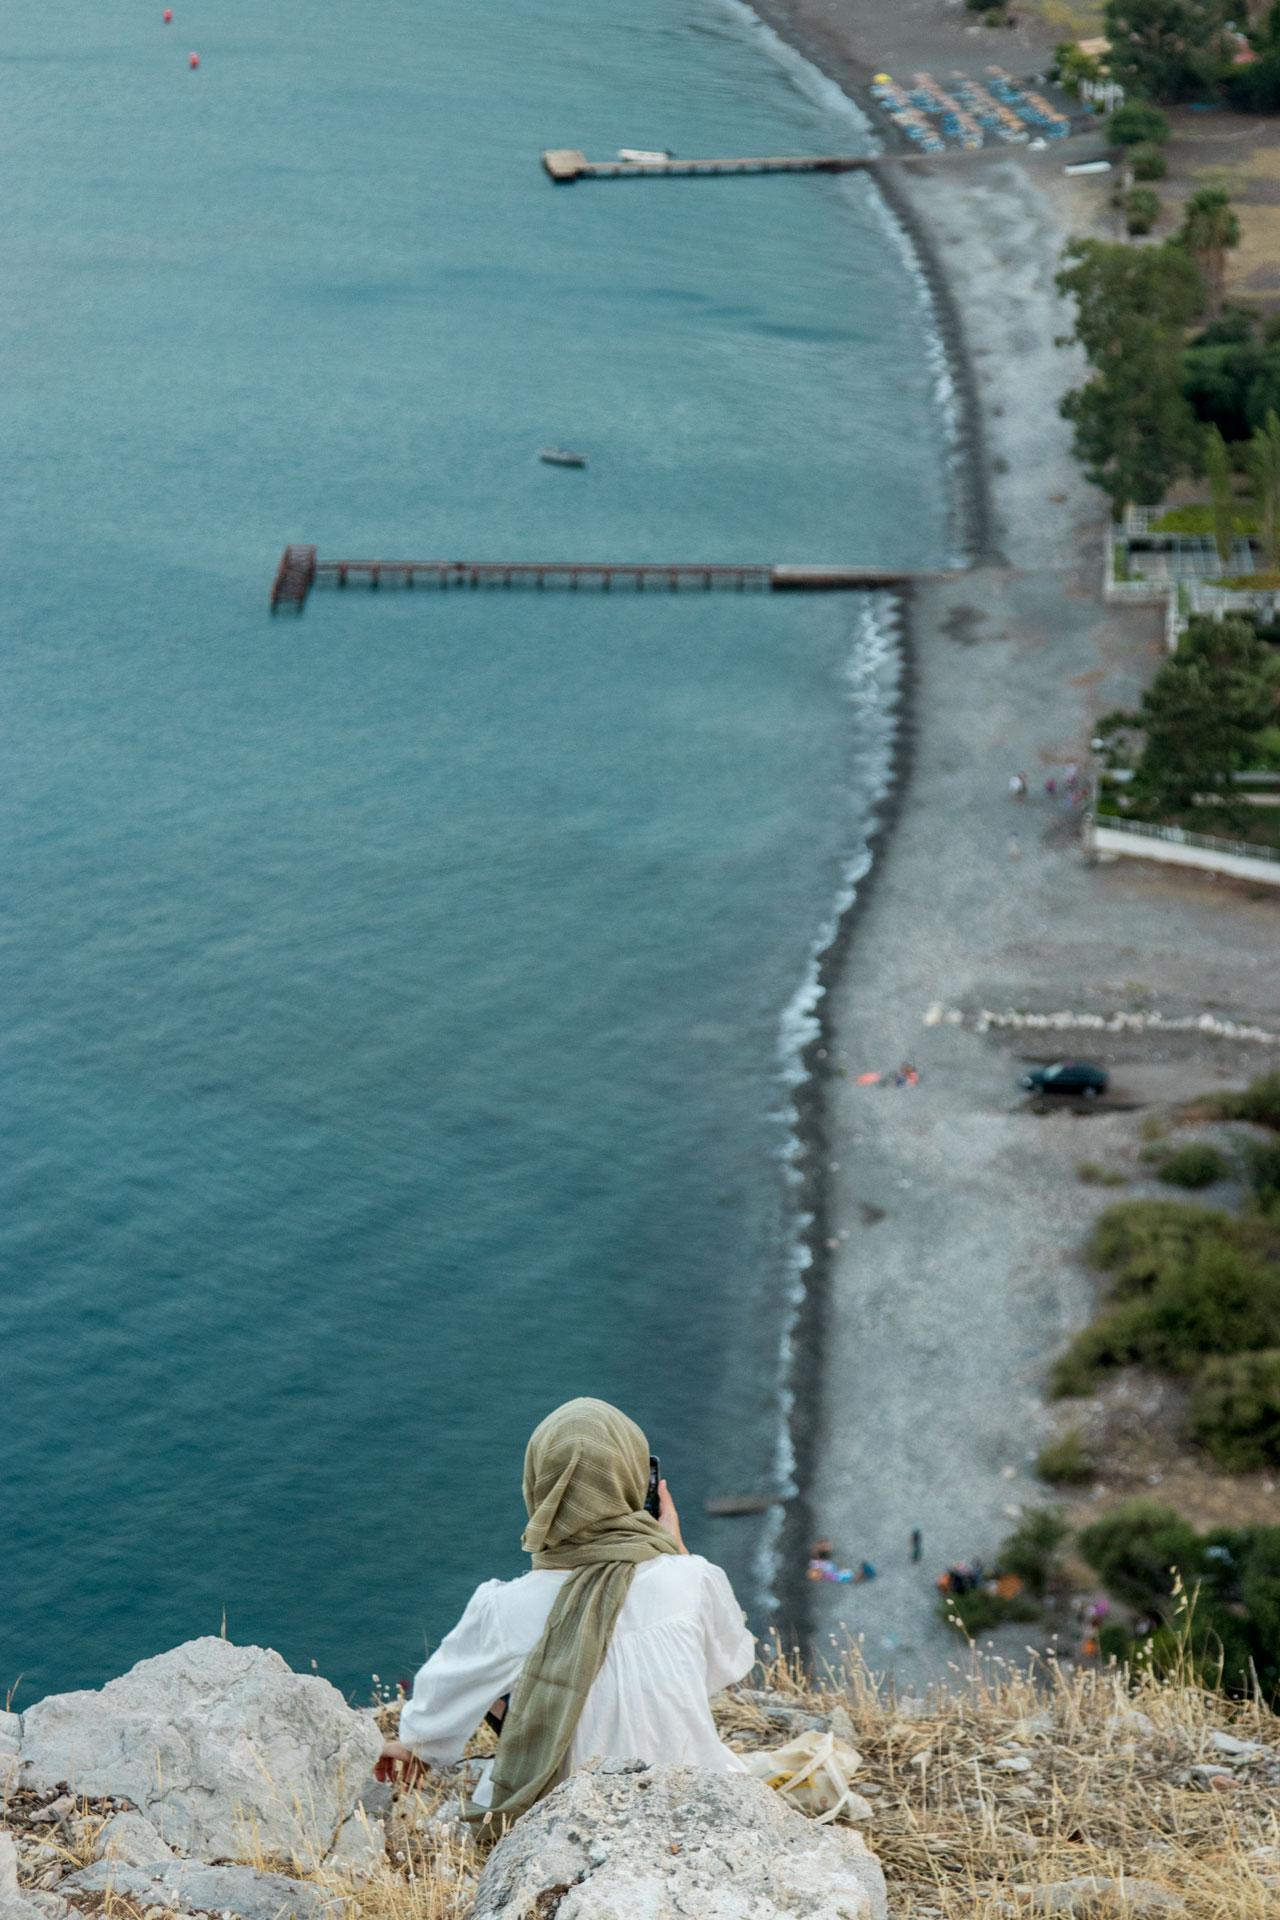 Kumlubük Koyu Marmaris Muğla Türkiye Gezgin Fotoğrafçı Çekergezer Hakan Aydın Fotoğrafları www.cekergezer.com